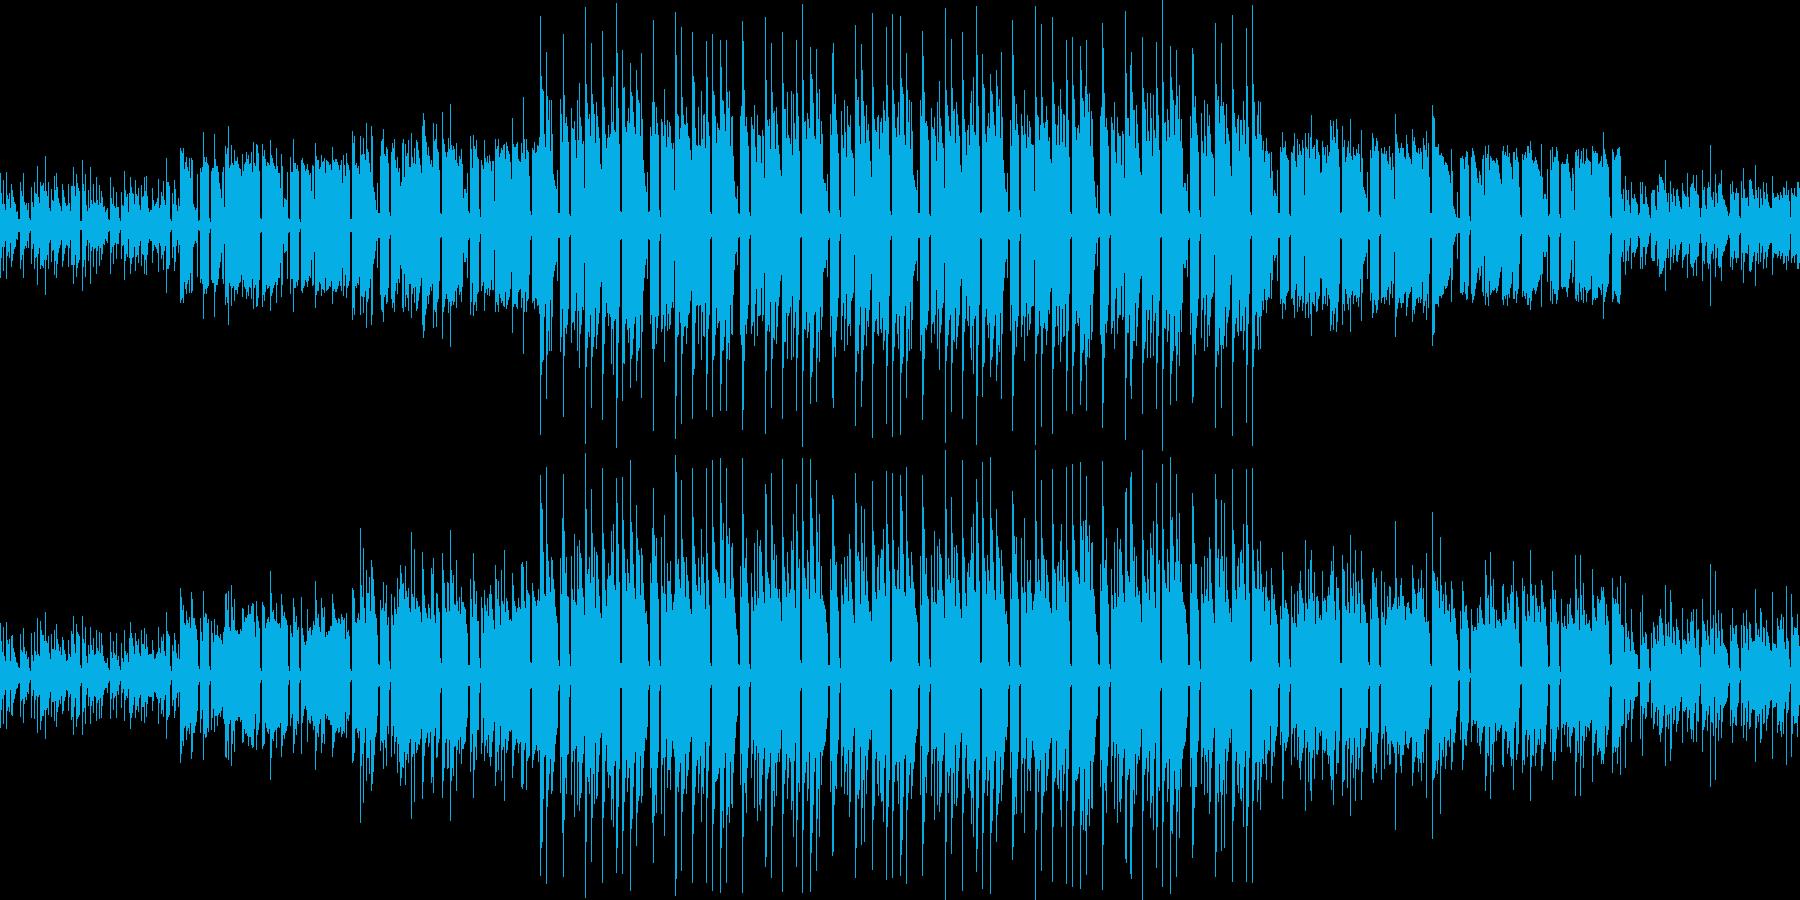 【何かが起こる予感/エレクトロニカ】の再生済みの波形